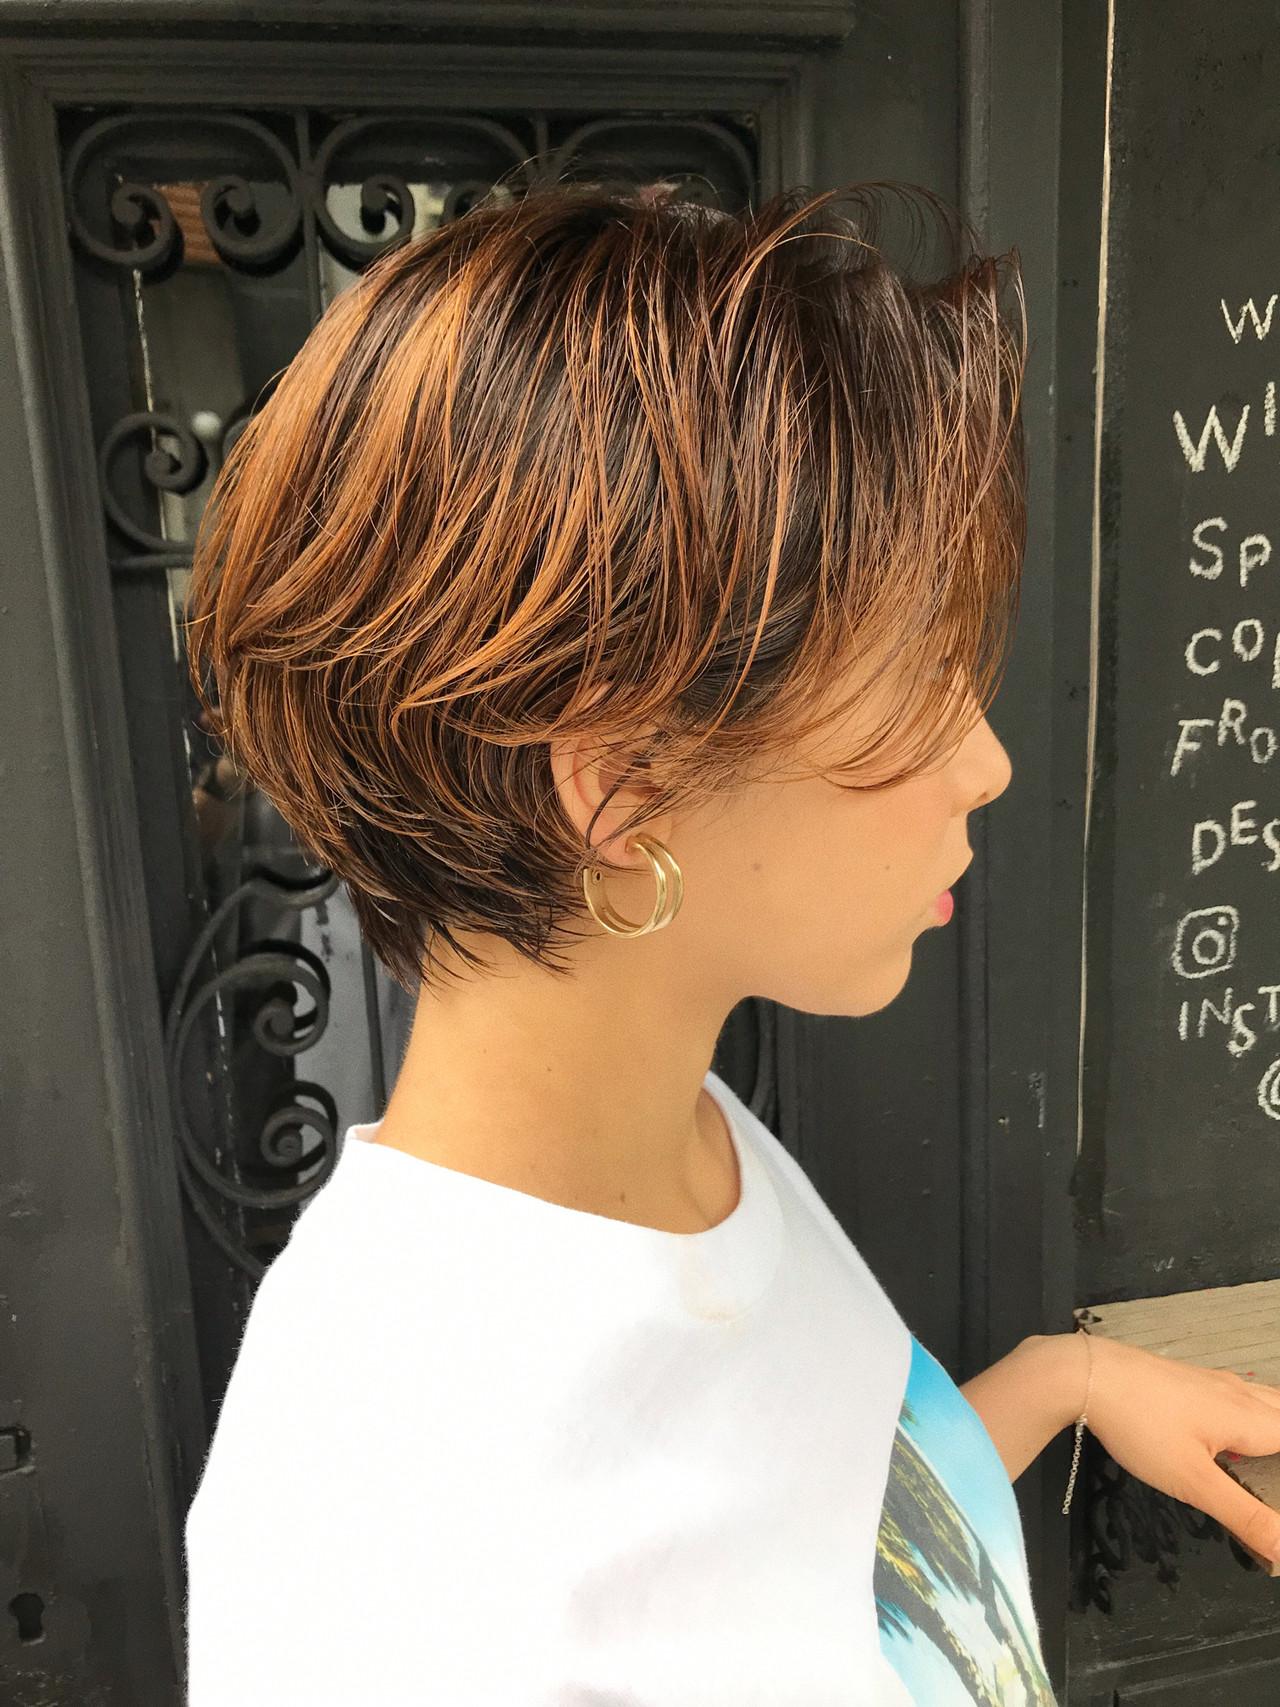 ショート オレンジ ハイトーン 抜け感 ヘアスタイルや髪型の写真・画像